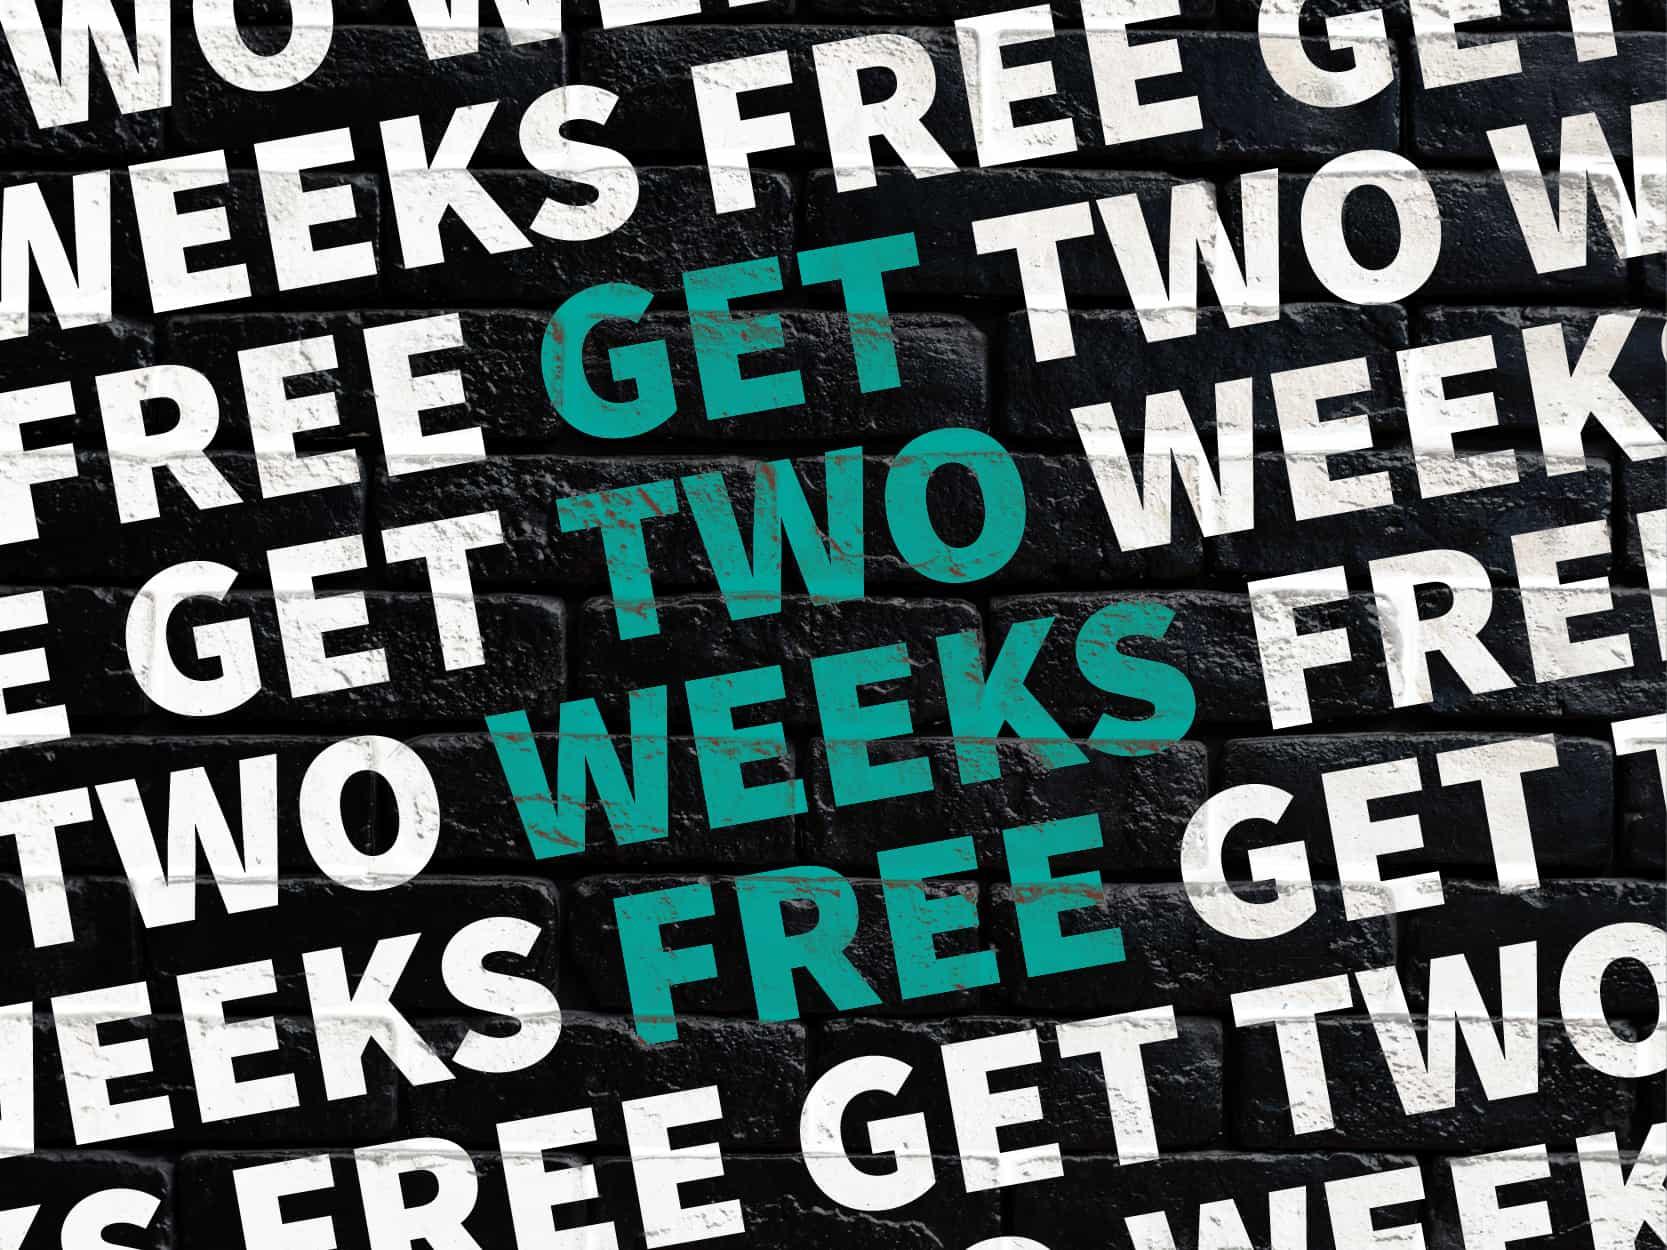 2 WEEKS FREE